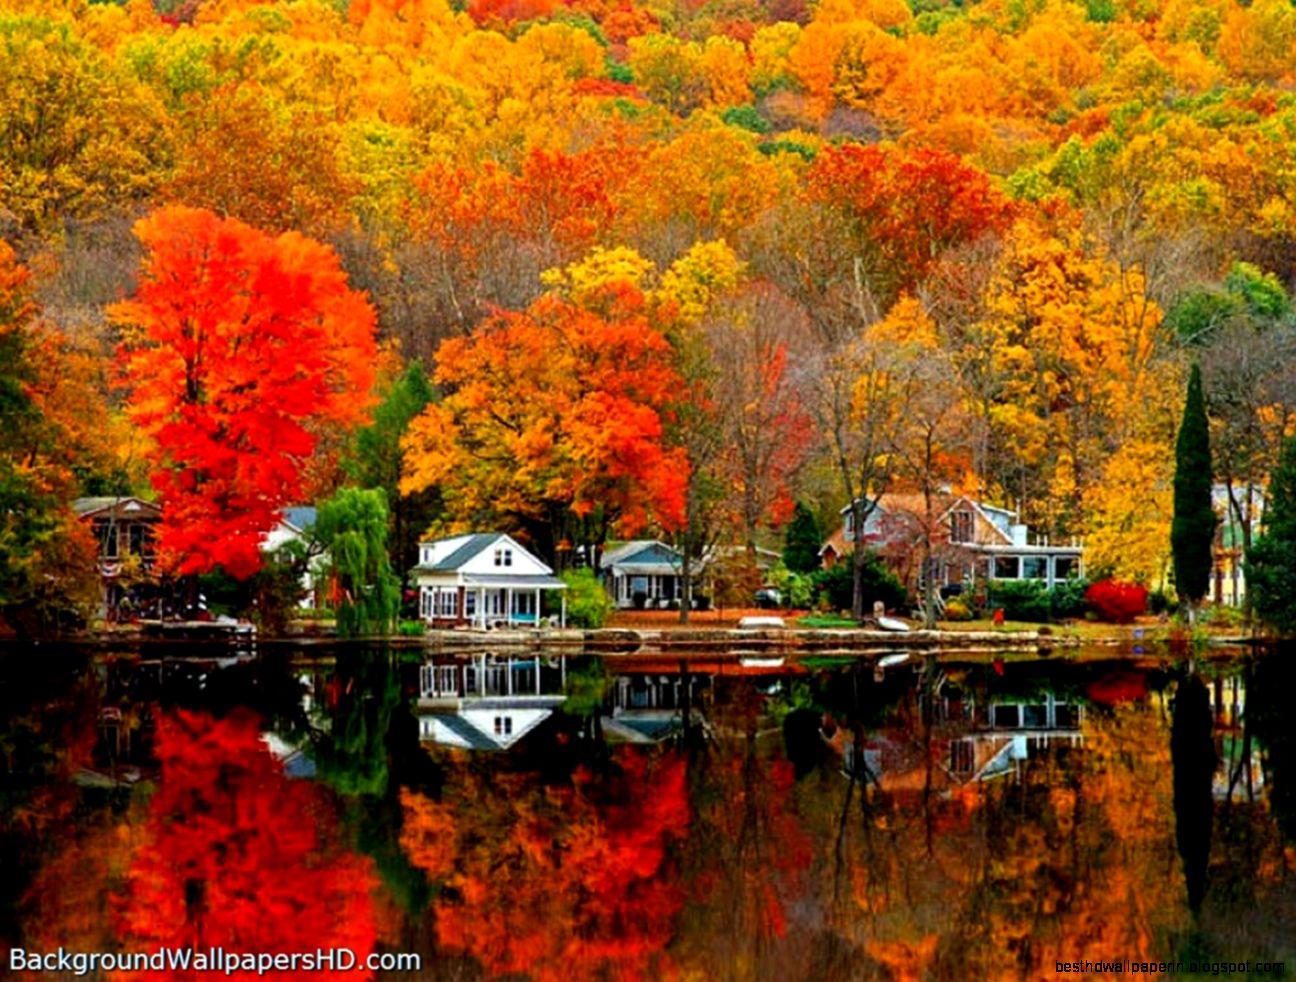 Autumn Scenes Desktop Wallpaper Best Hd Wallpapers